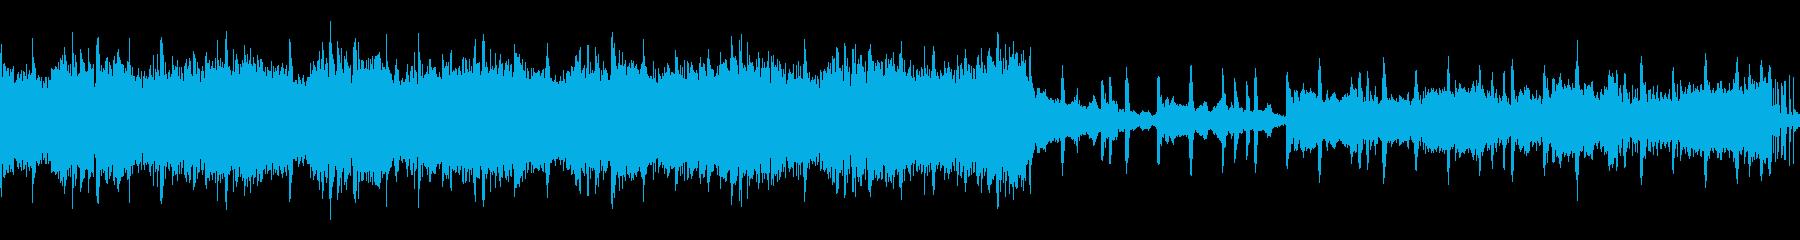 【ループ】壮大なクラップ&足踏みアンセムの再生済みの波形